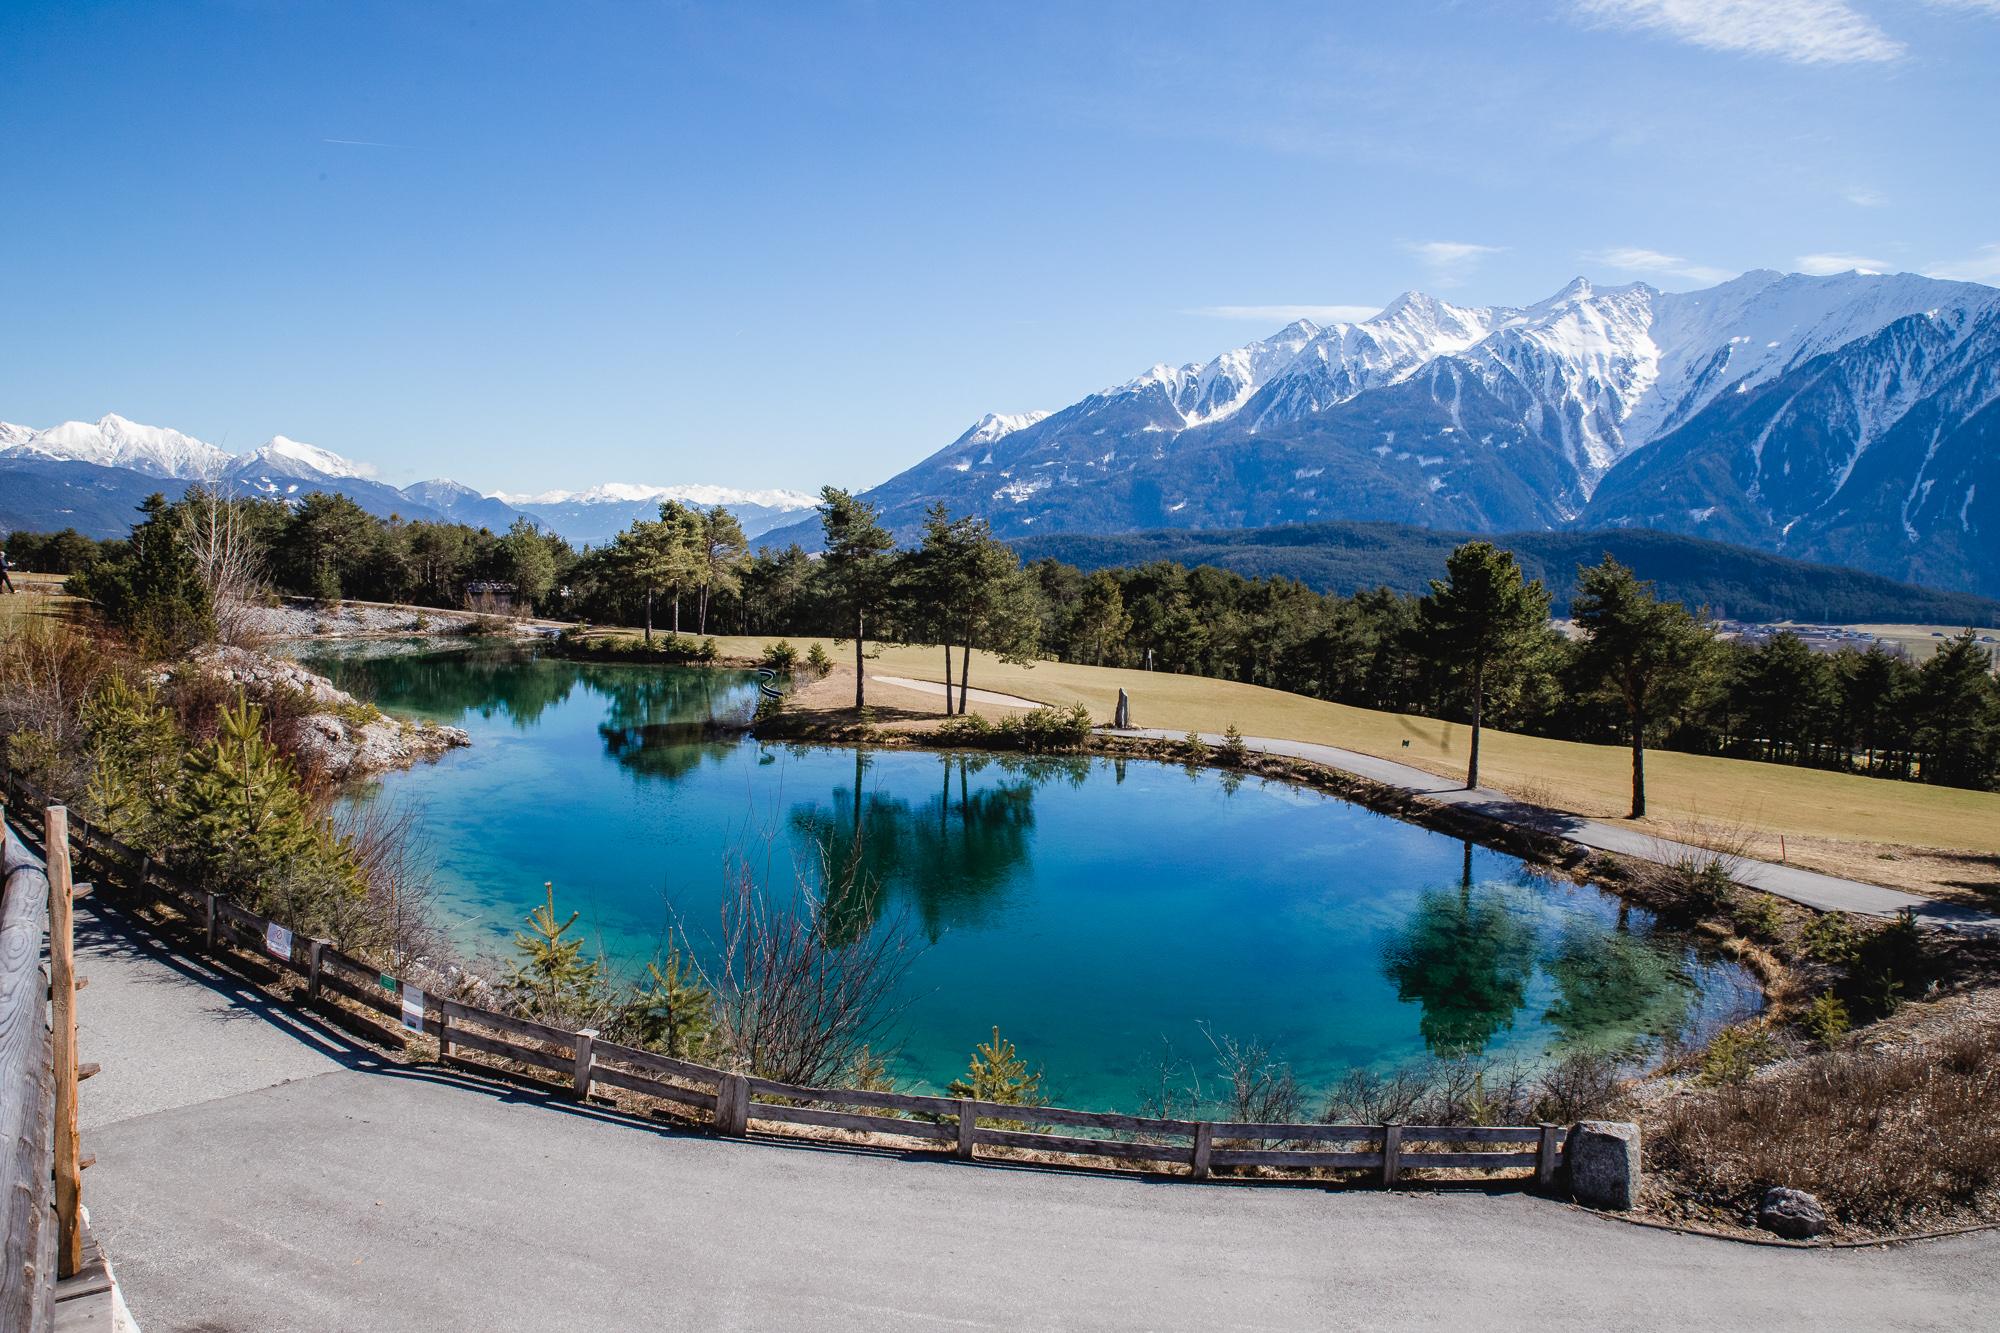 Ausflugsziele in Tirol - Der zum Golfplatz gehörende See